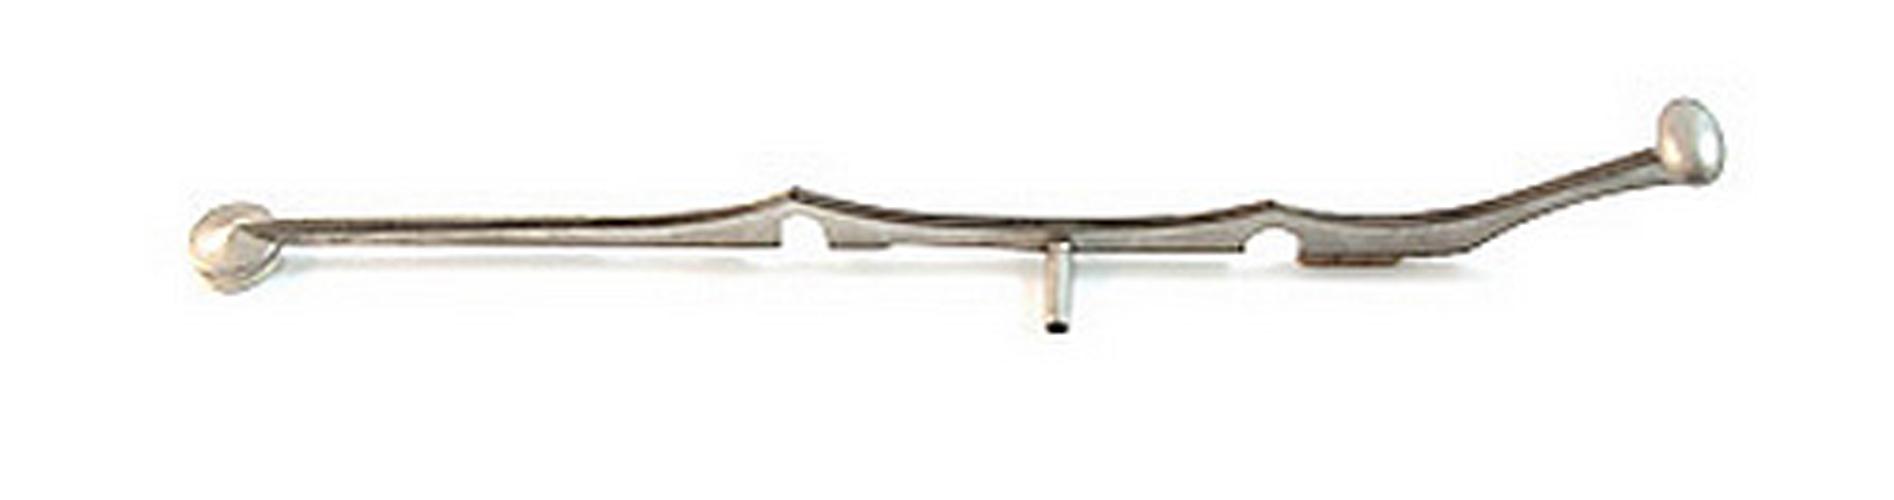 C Trill Key - No.13a - B&H Obsolete Clarinet